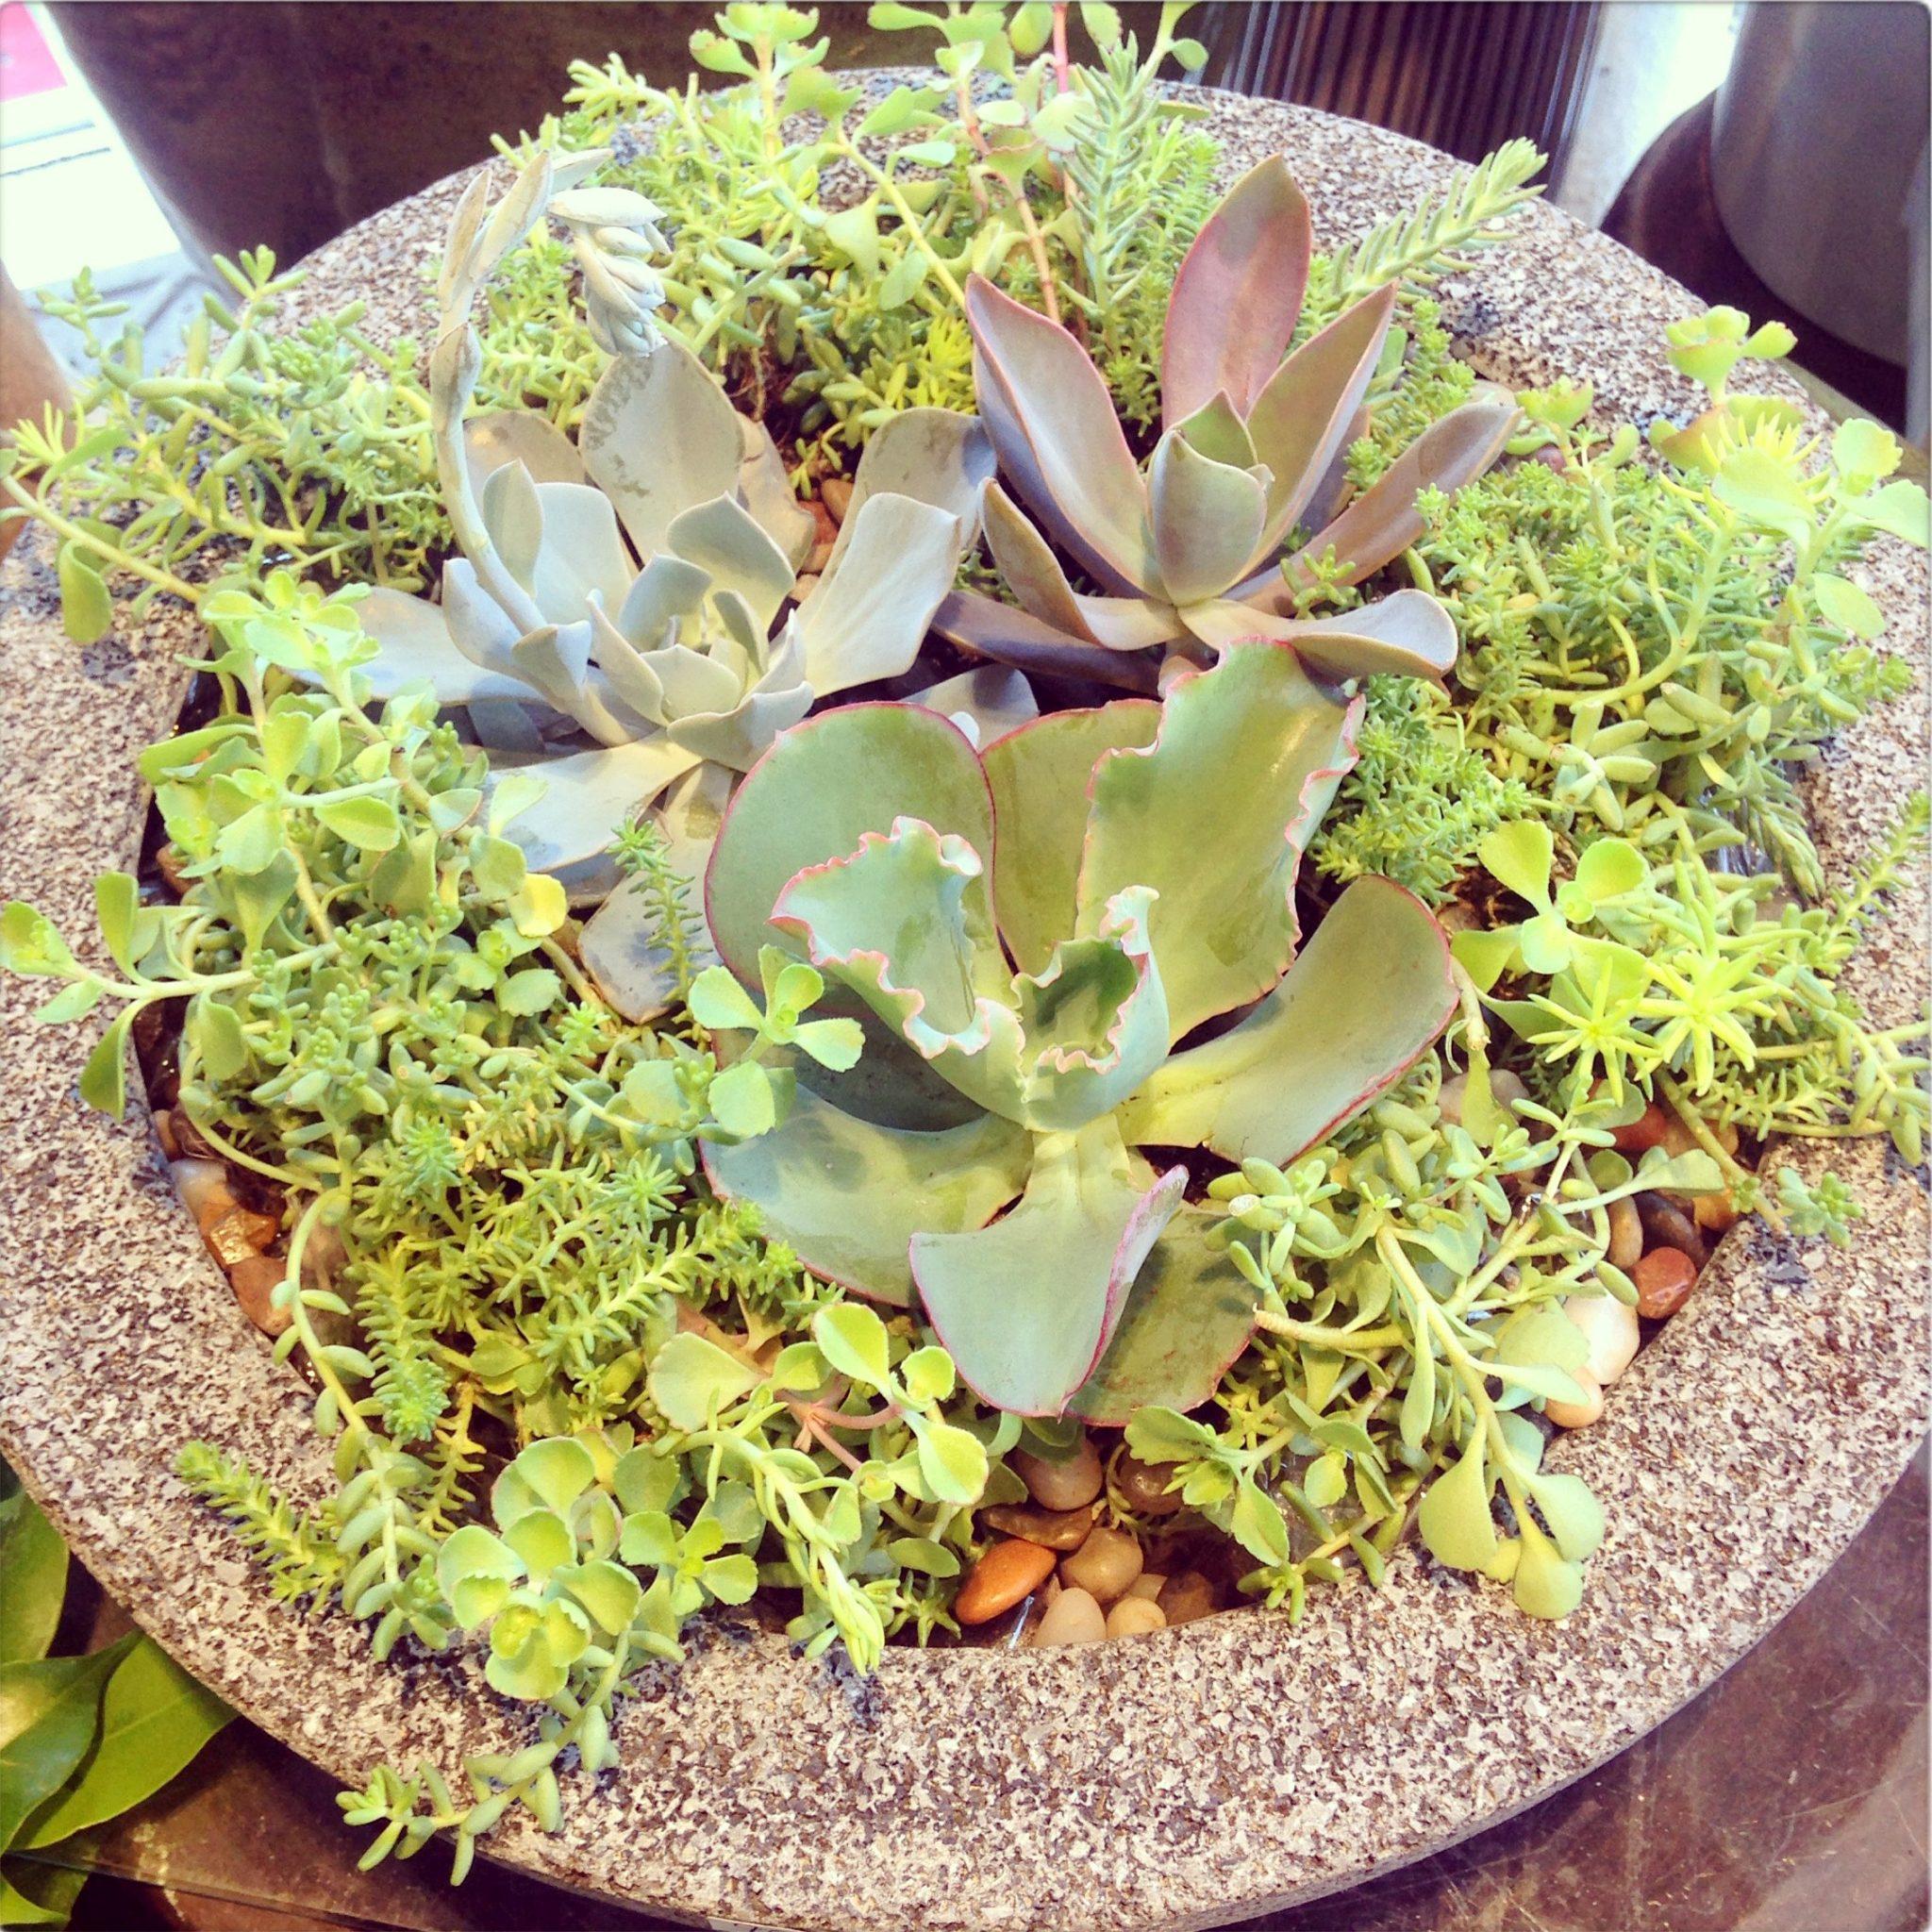 Terrarium of succulents